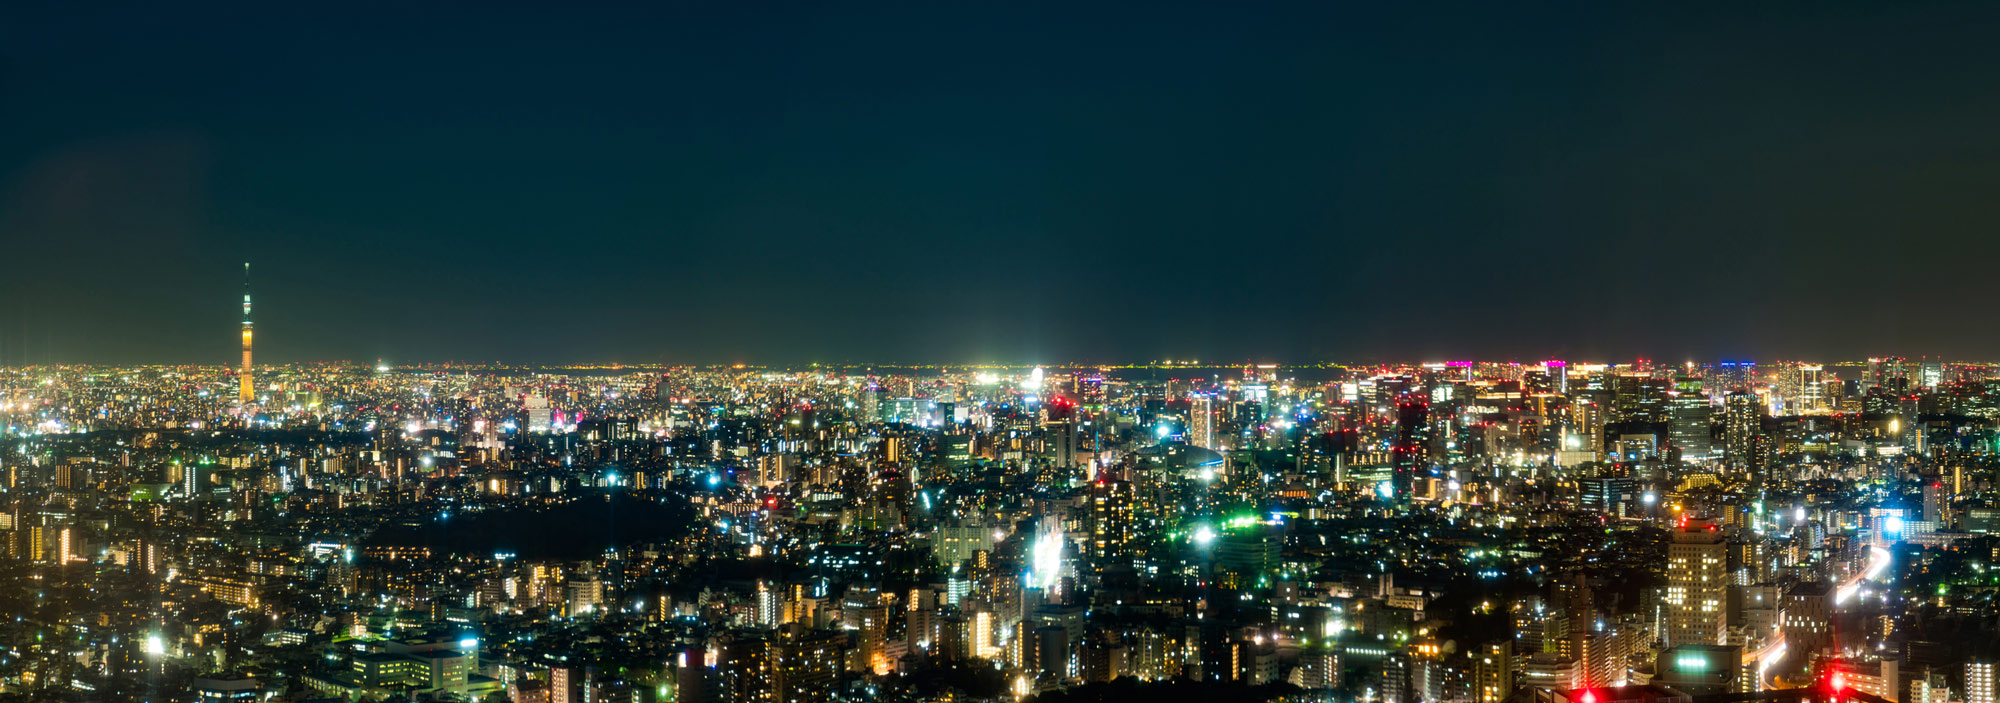 Mietfinanz Finanzierungsrechner für LED Lighting Solutions